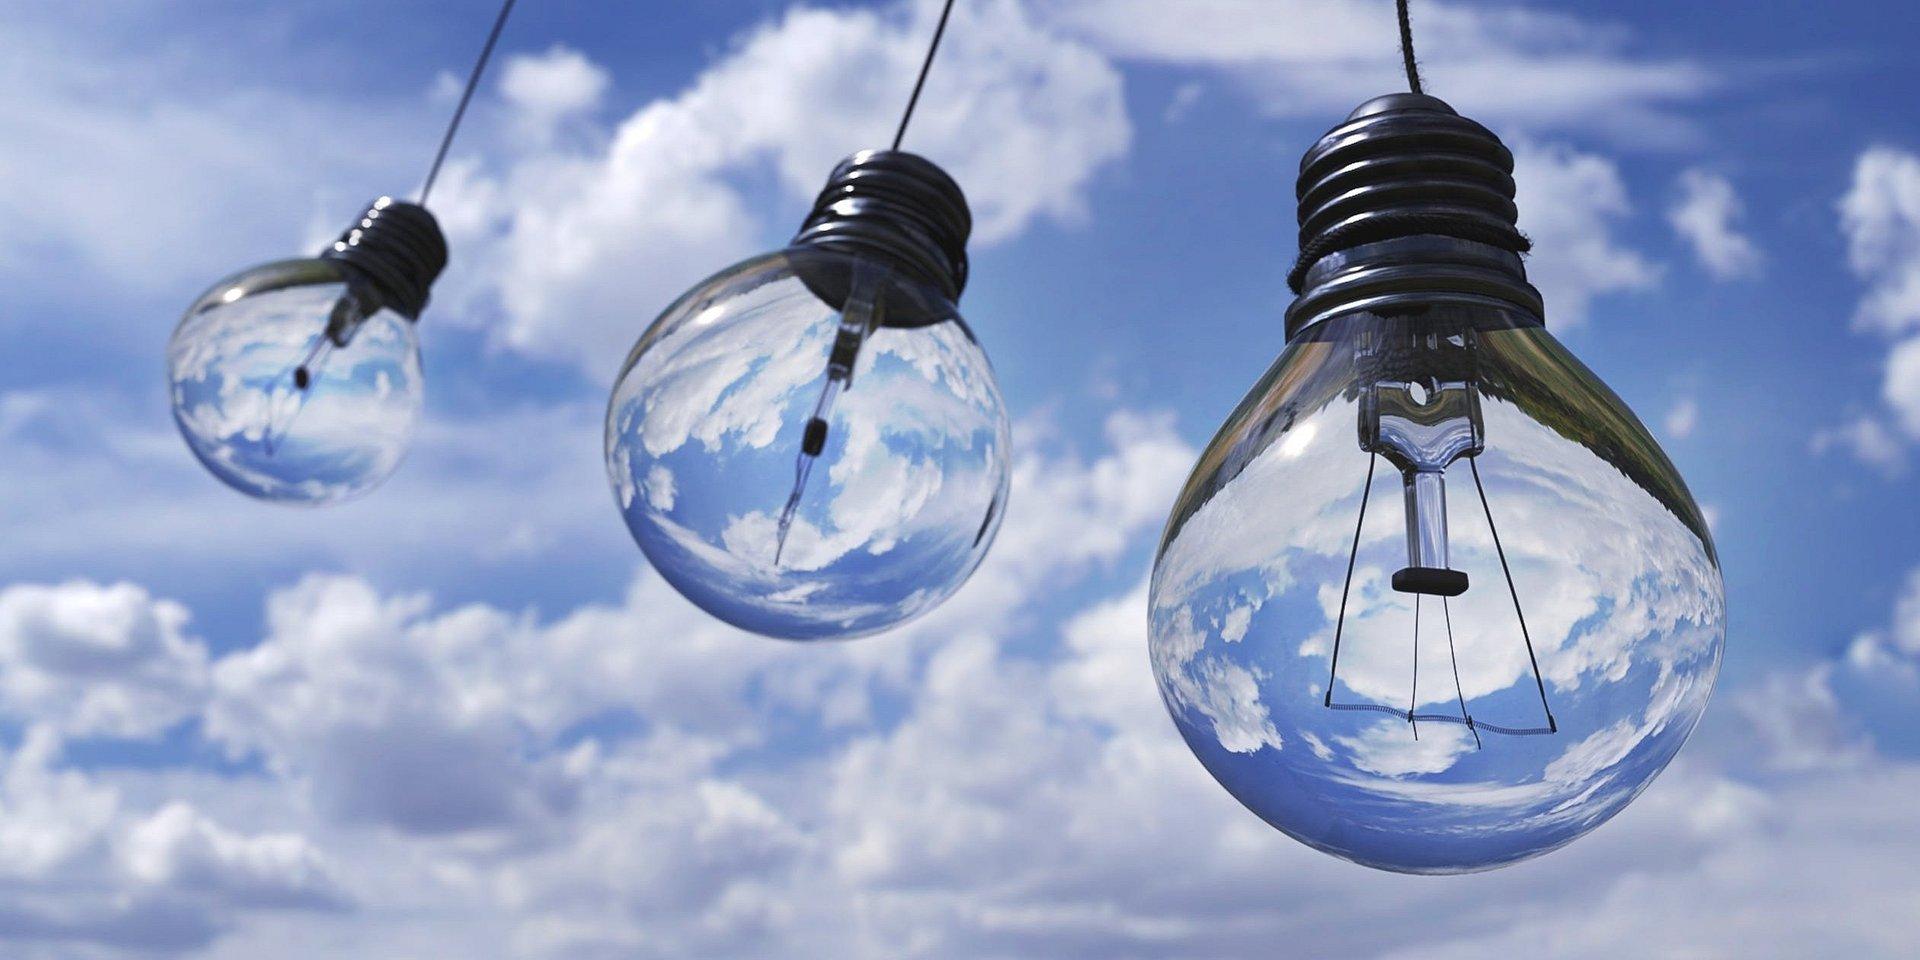 Obserwatorium Światowego Rynku Energii 2019: Wzrost globalnego zapotrzebowania na energię zagrożeniem dla porozumienia klimatycznego